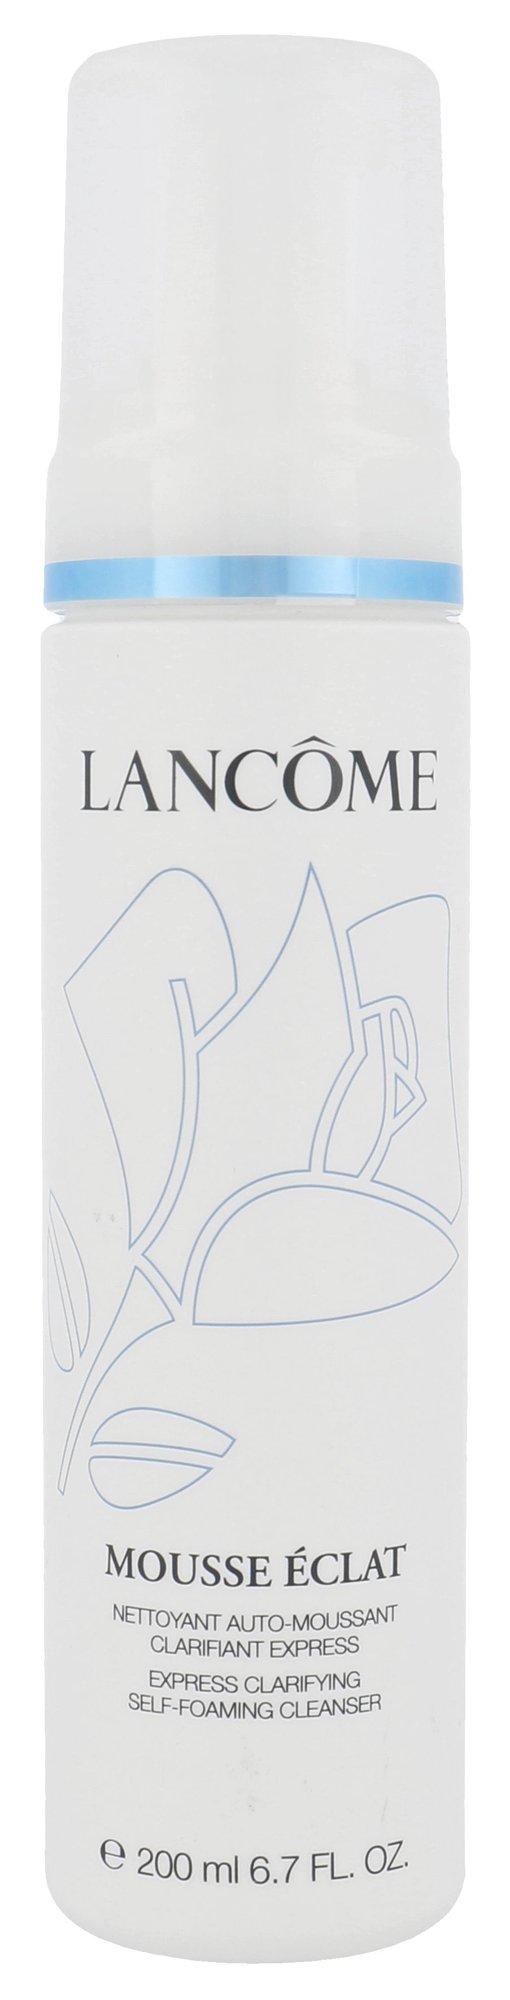 Lancôme Mousse Éclat Cosmetic 200ml